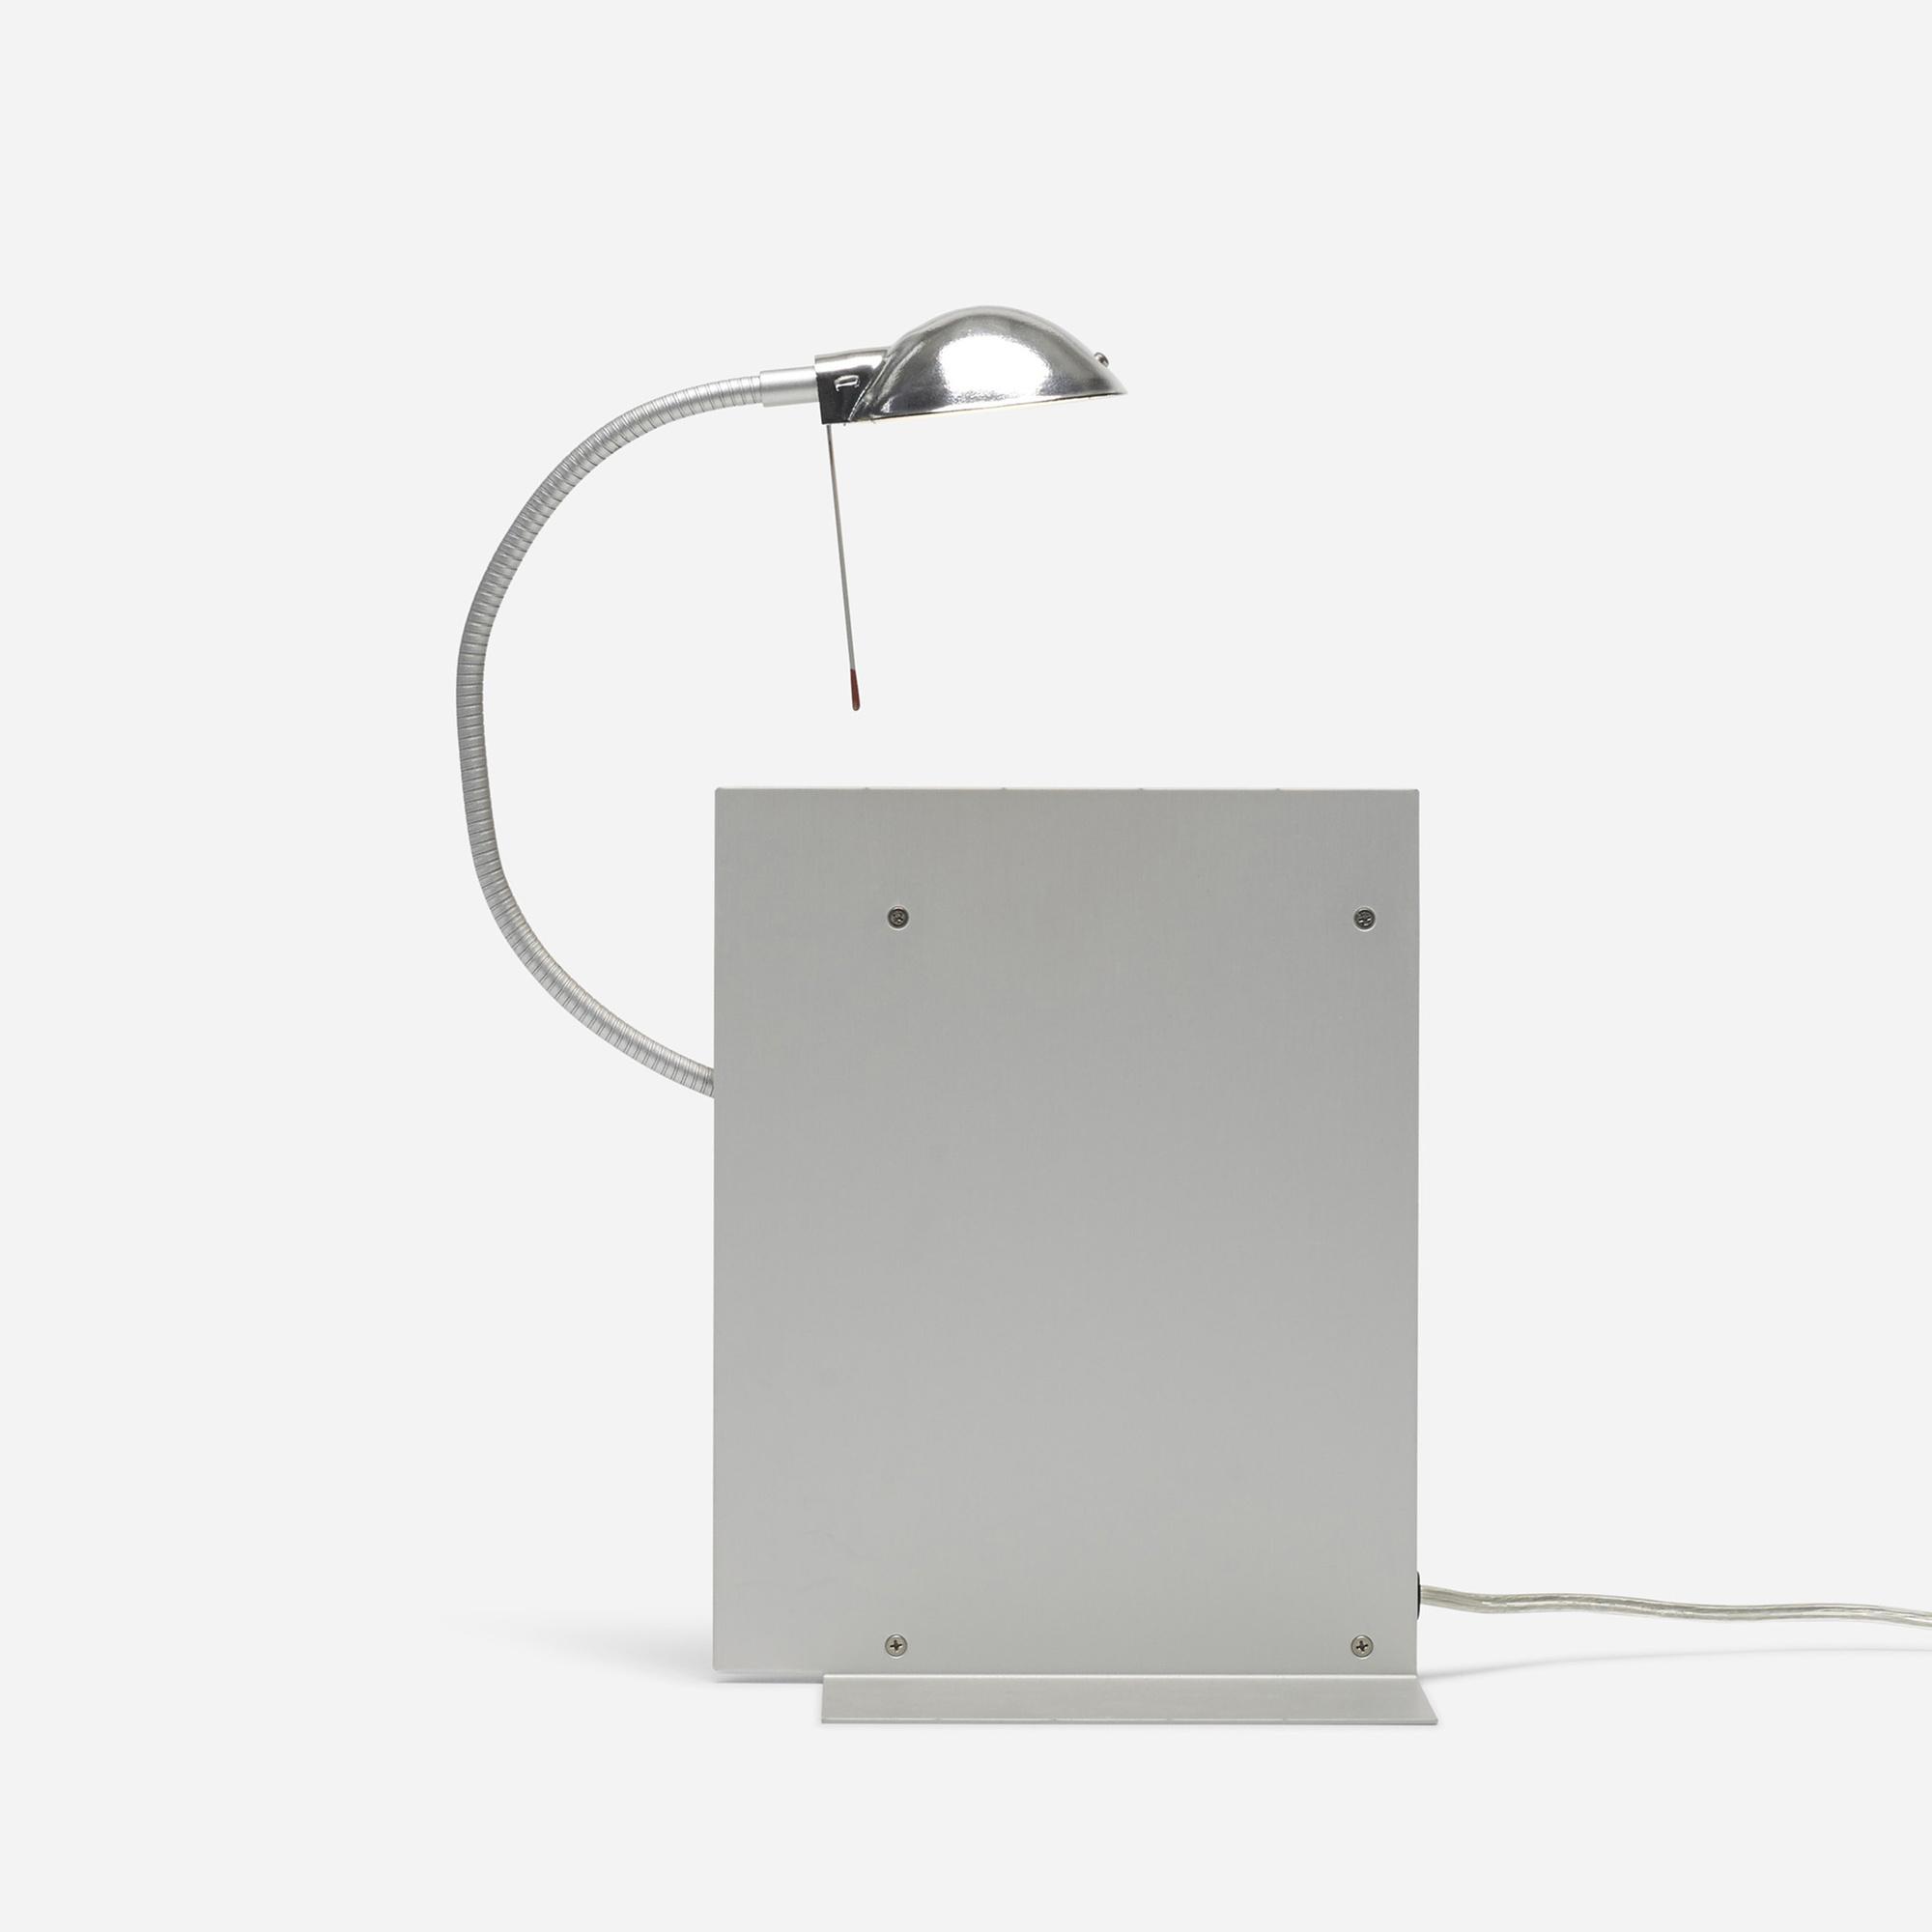 546: Ingo Maurer / Oskar bookshelf lamp (1 of 1)